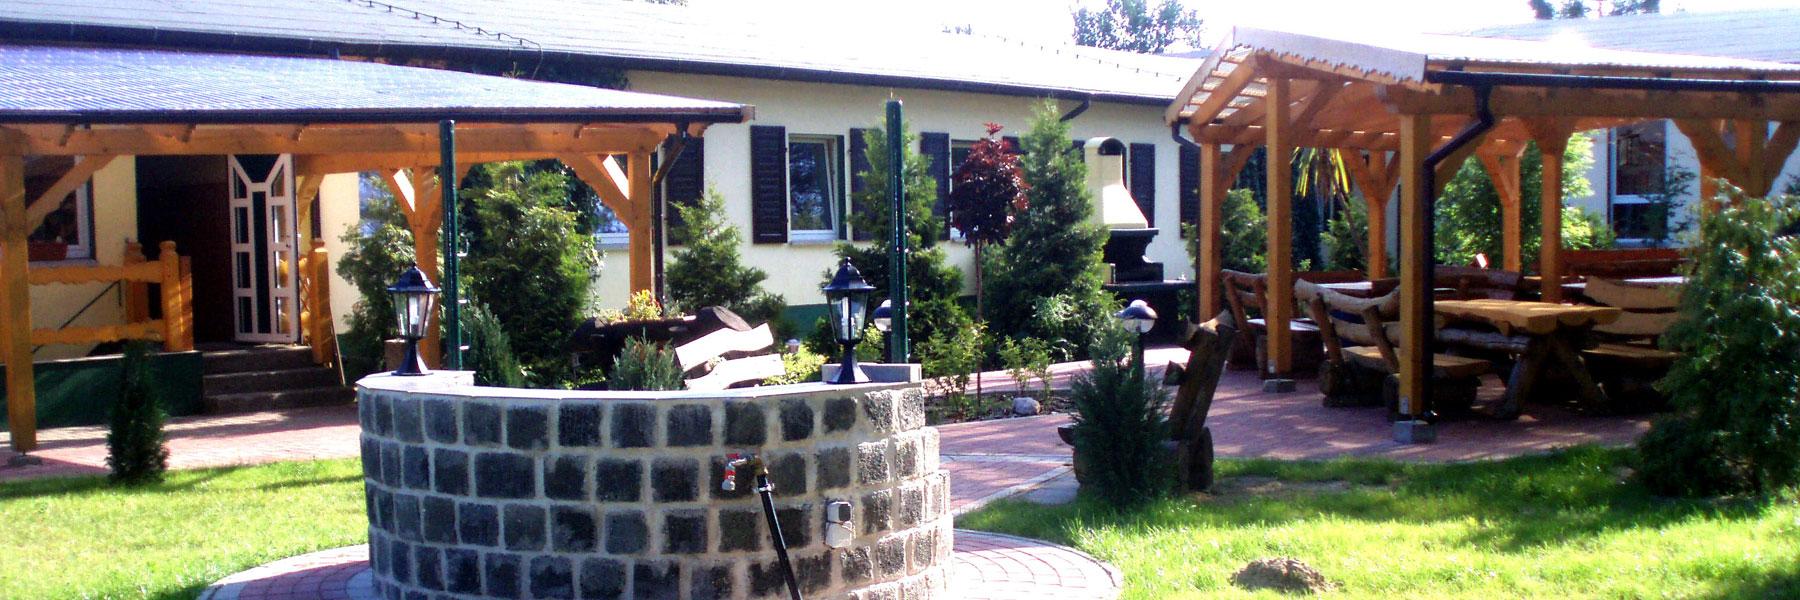 Eingang Gruppenunterkunft - Waldhaus am Ferienpark